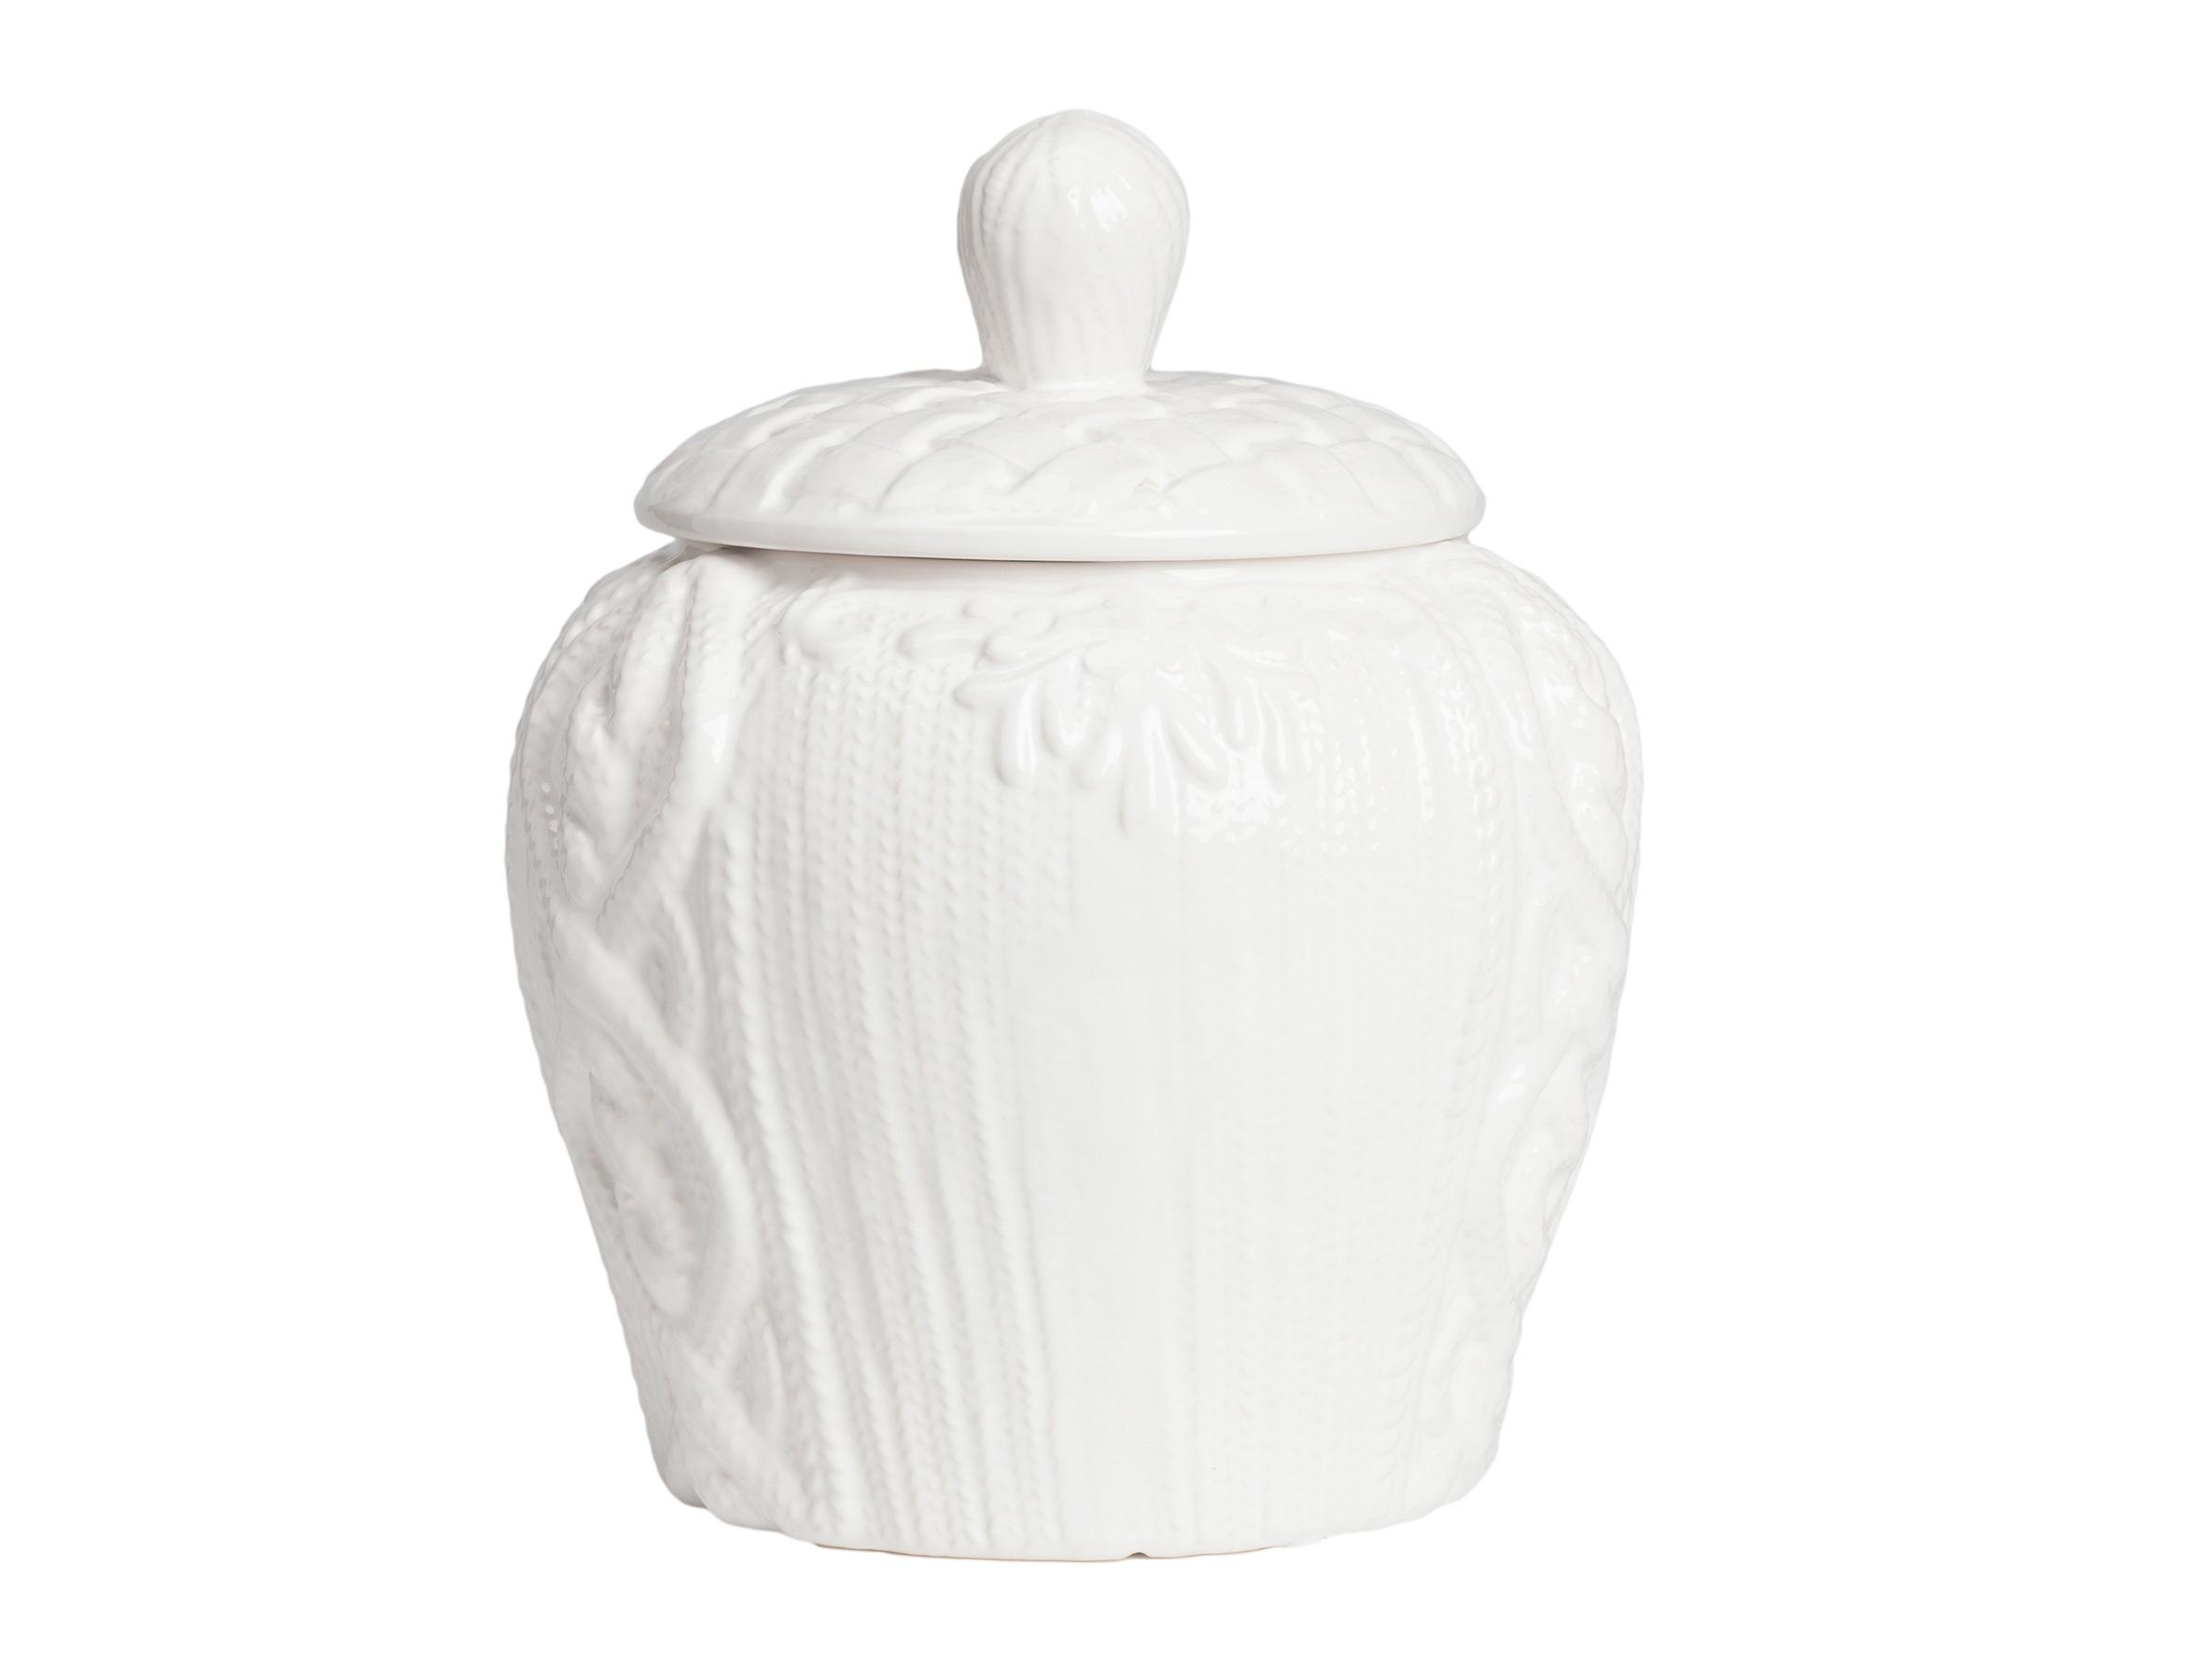 Декоративная ваза Lindley Емкости для хранения<br><br><br>Material: Керамика<br>Length см: None<br>Width см: None<br>Height см: 25,5<br>Diameter см: 21,5